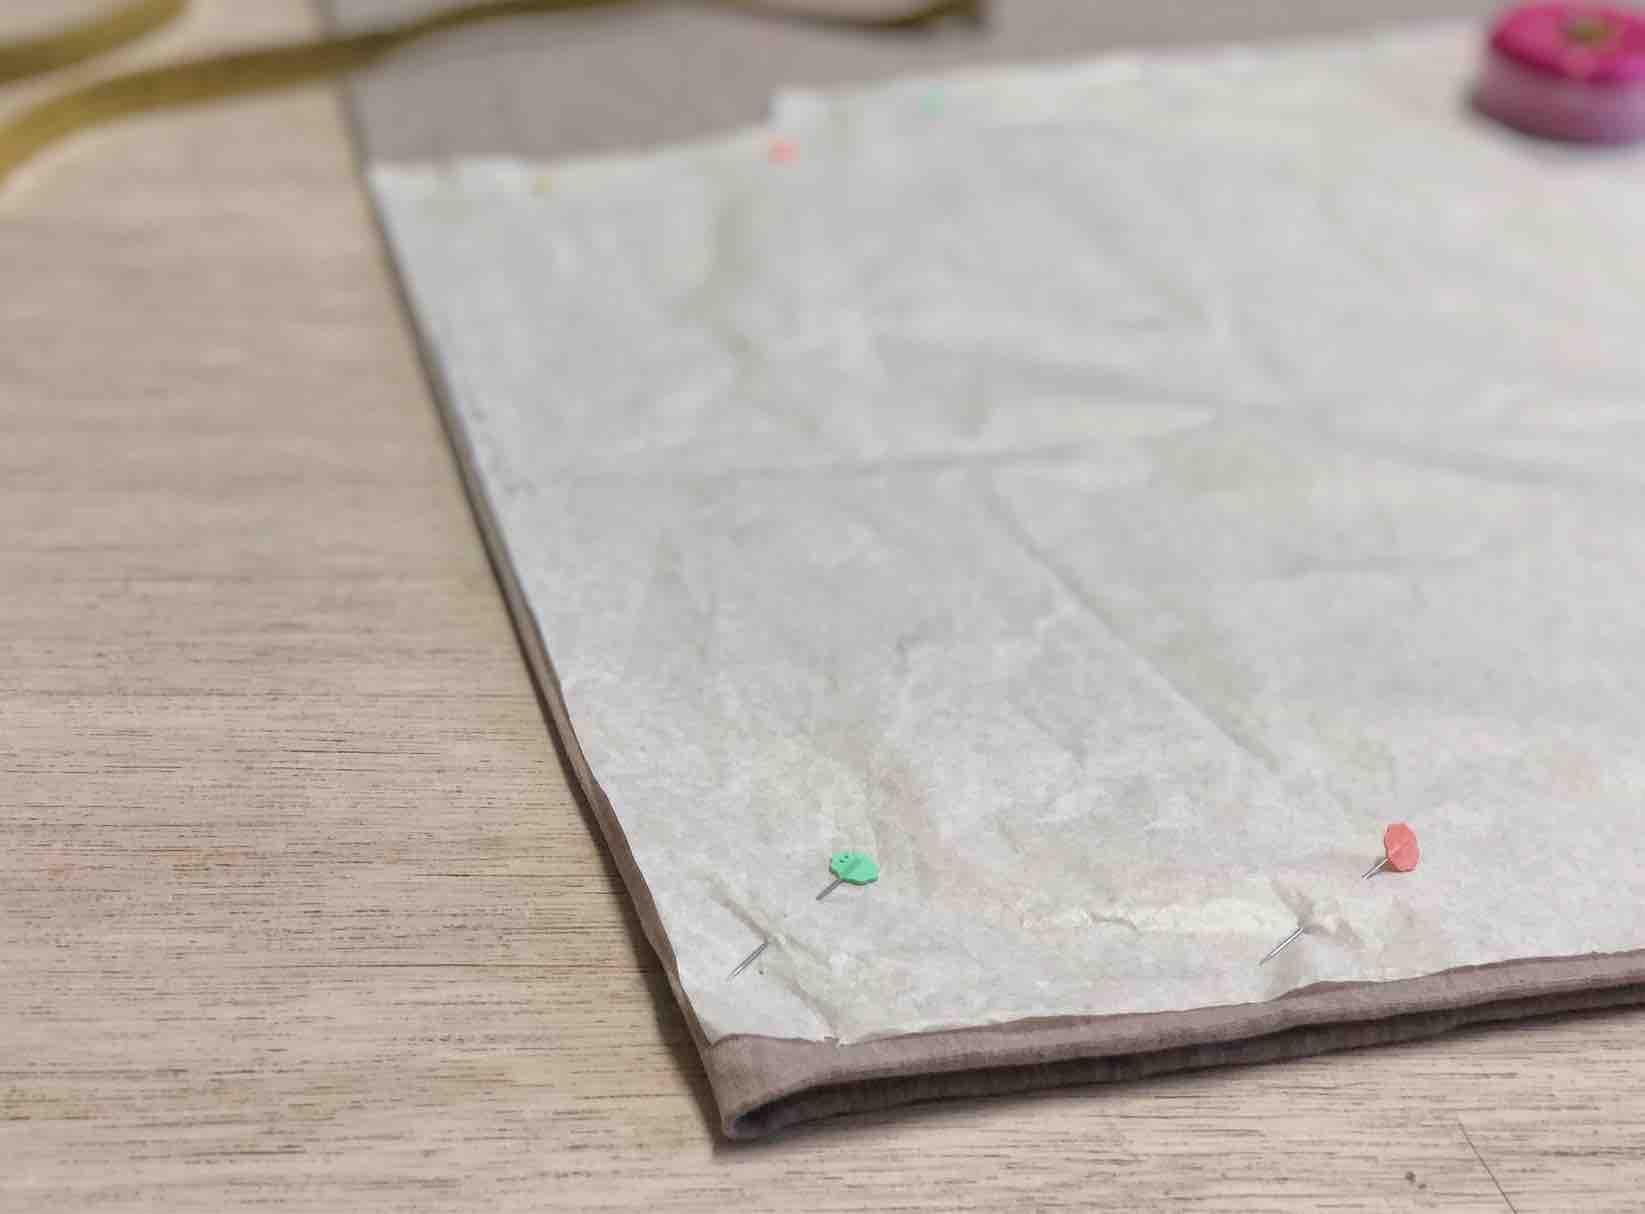 posizionare il cartamodello sul tessuto doppiato